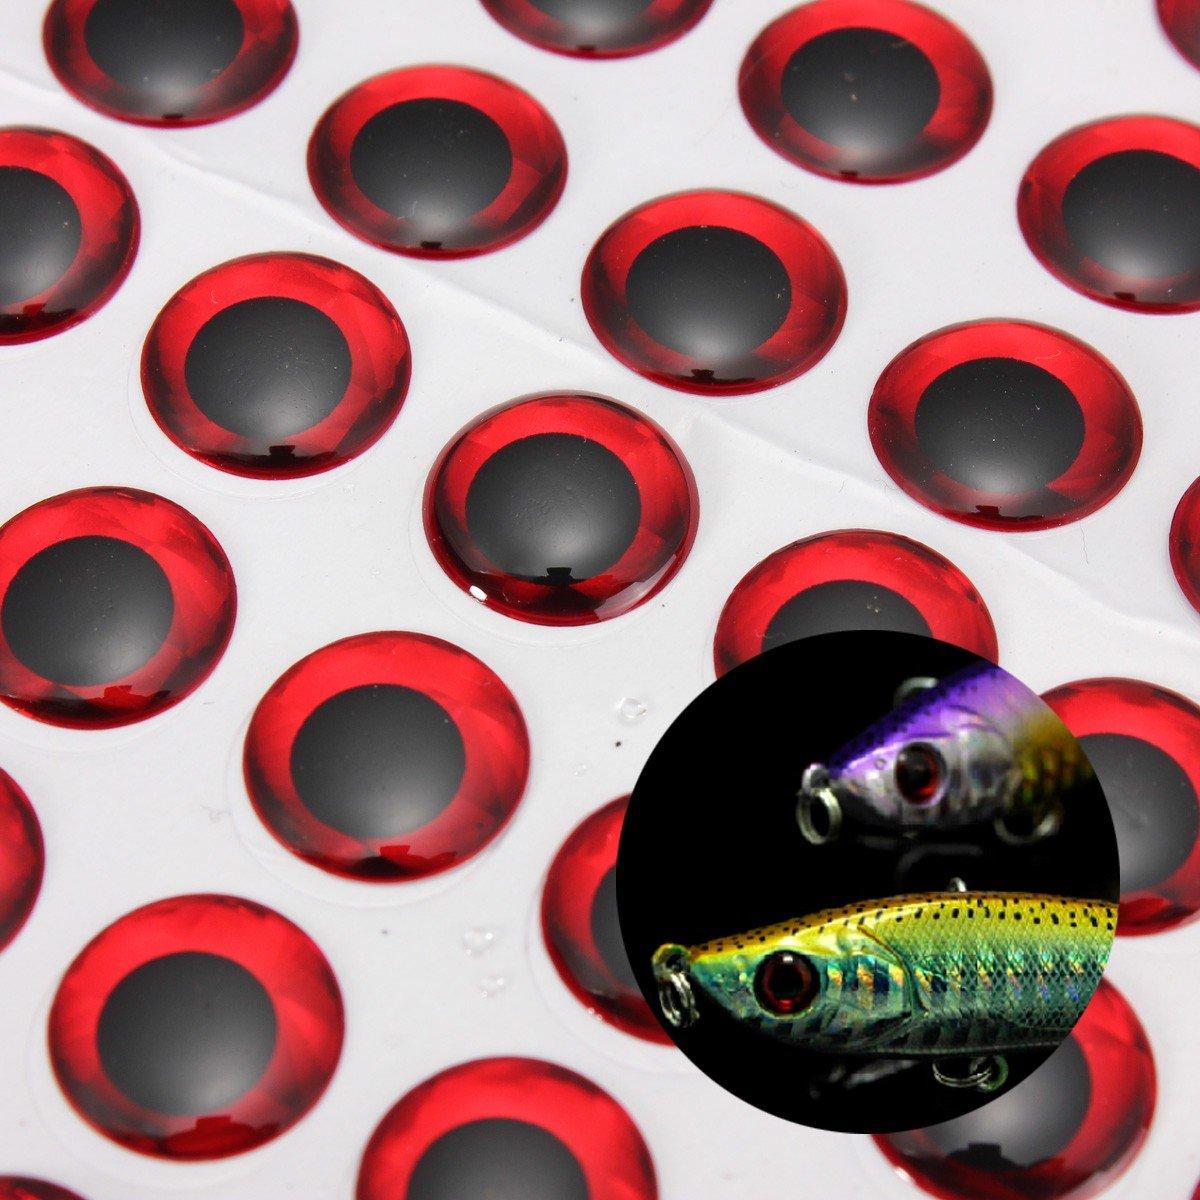 kenthia 100個6 mmレッド/シルバー3d Holographic釣りルアーEyes レッド Fly TyingジグCrafts疑似餌 レッド Fly 100個6 B07473CFLQ, 旨いもんハンター:f3c1981b --- hasznalttraktor.e-tarhely.info